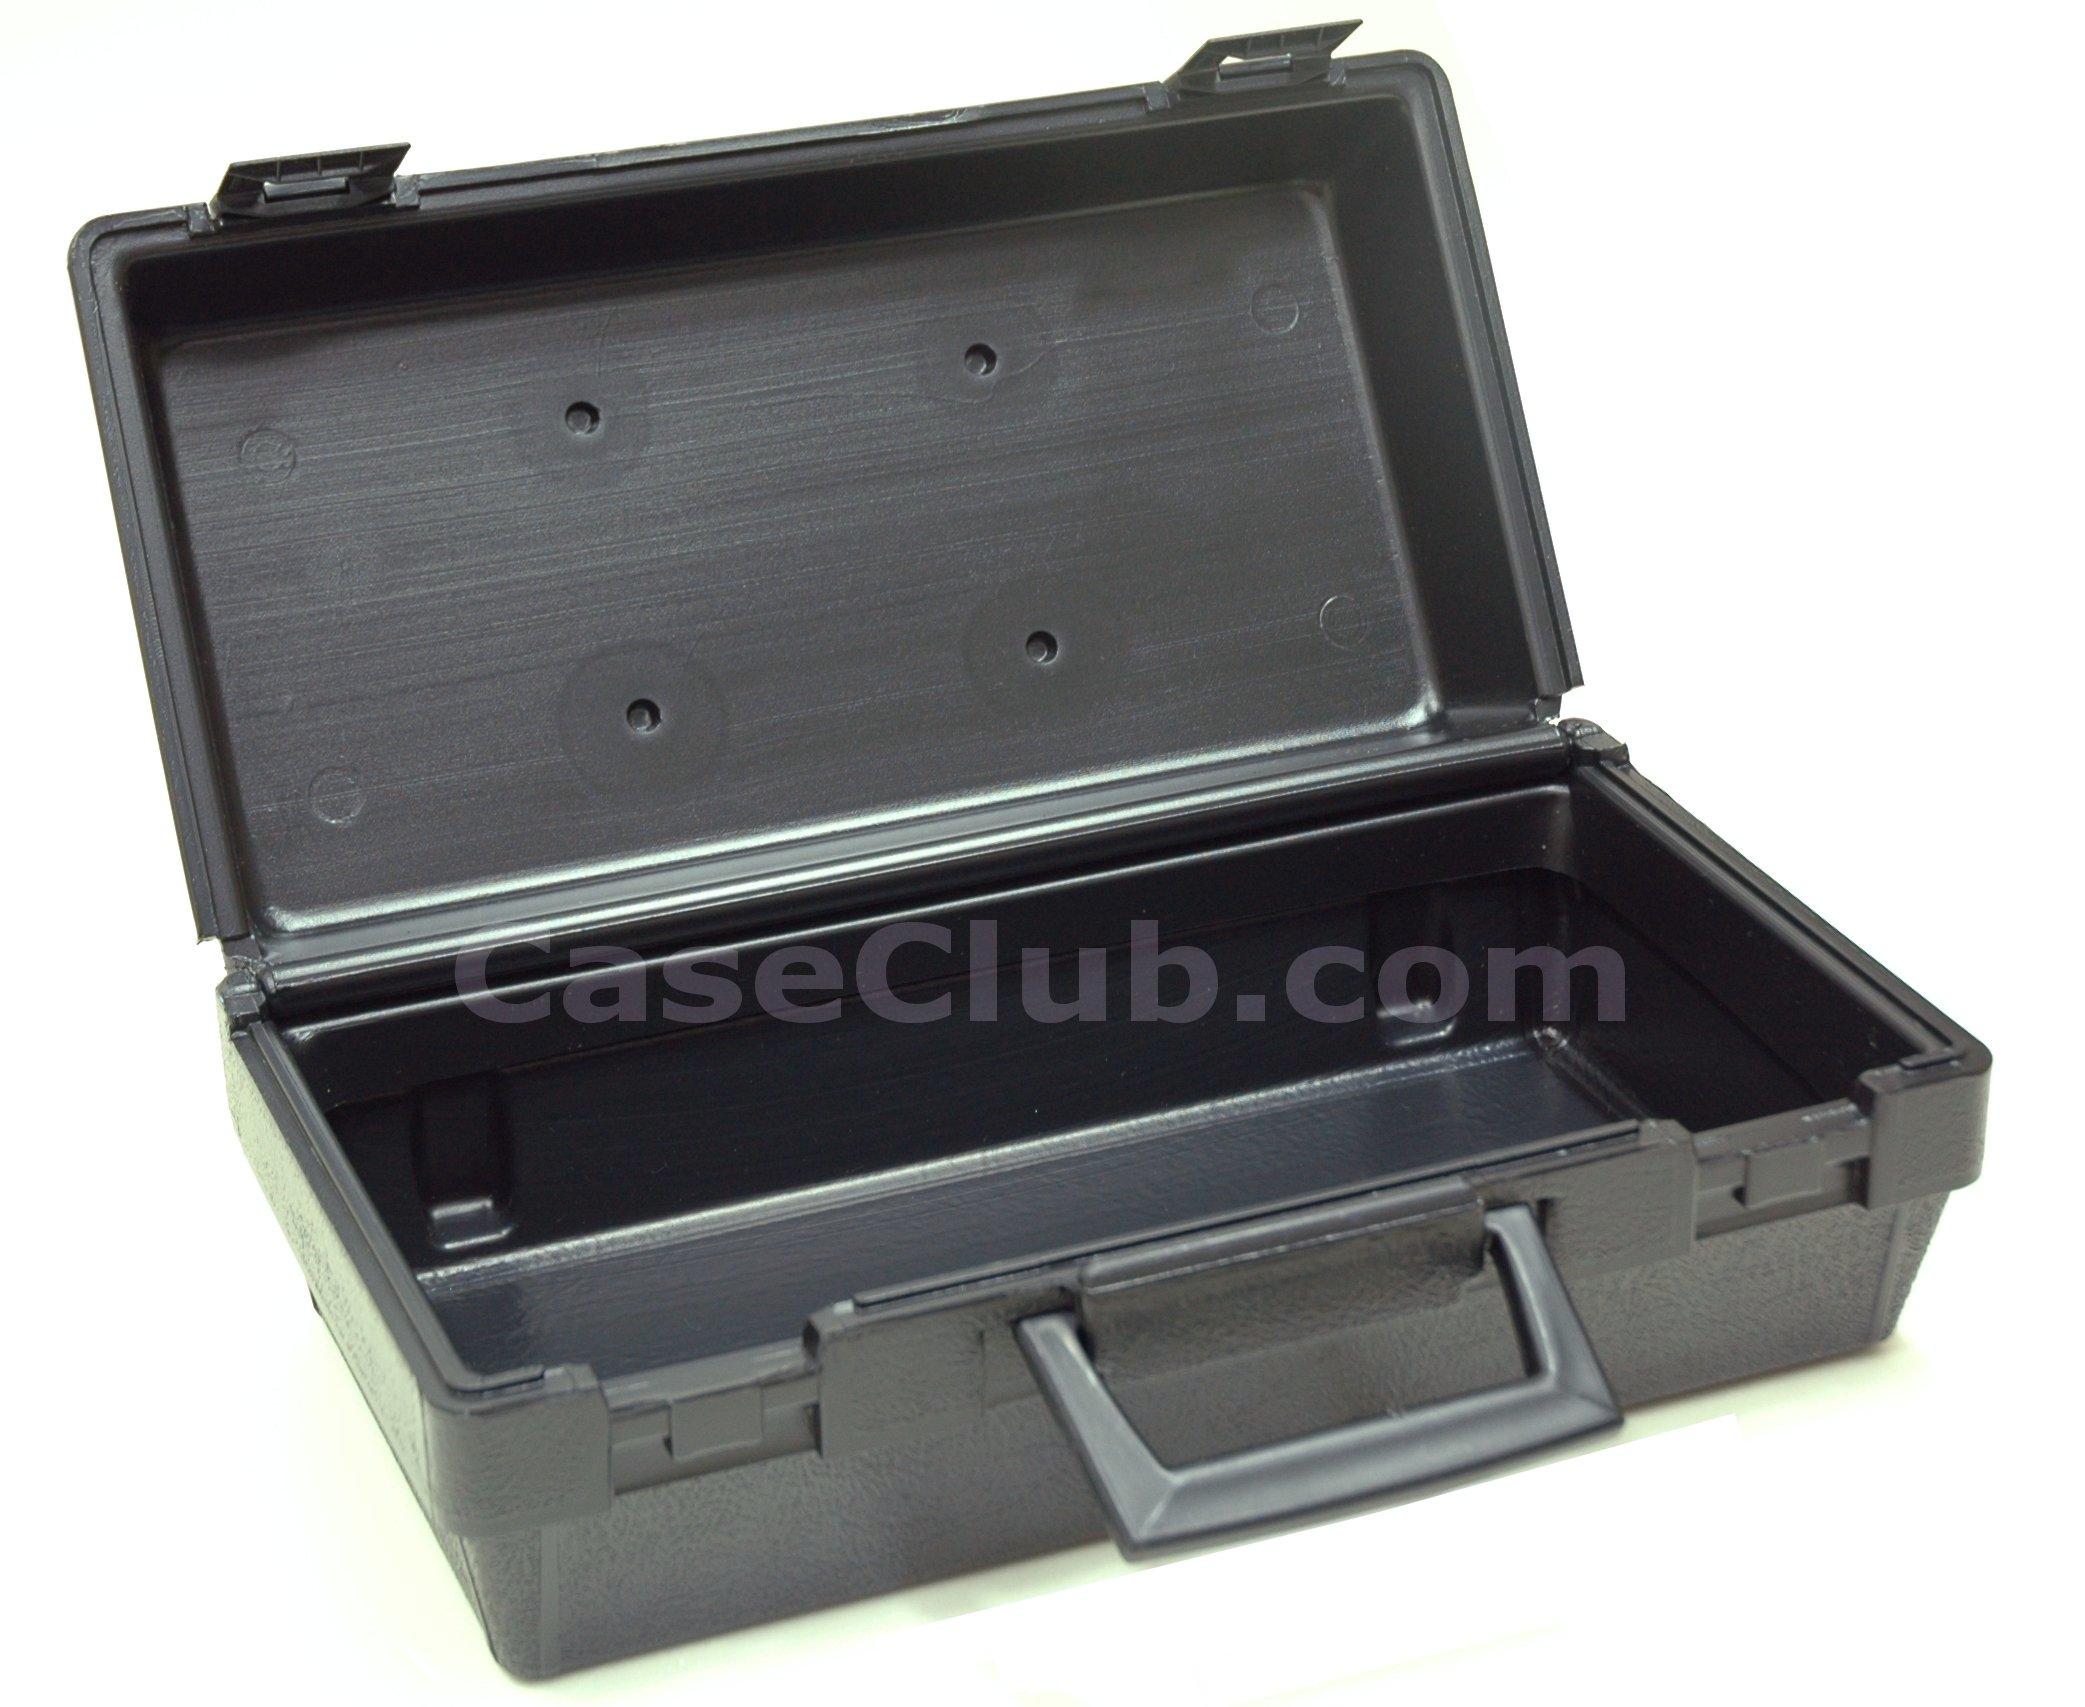 W15x8.0x5.5 Case